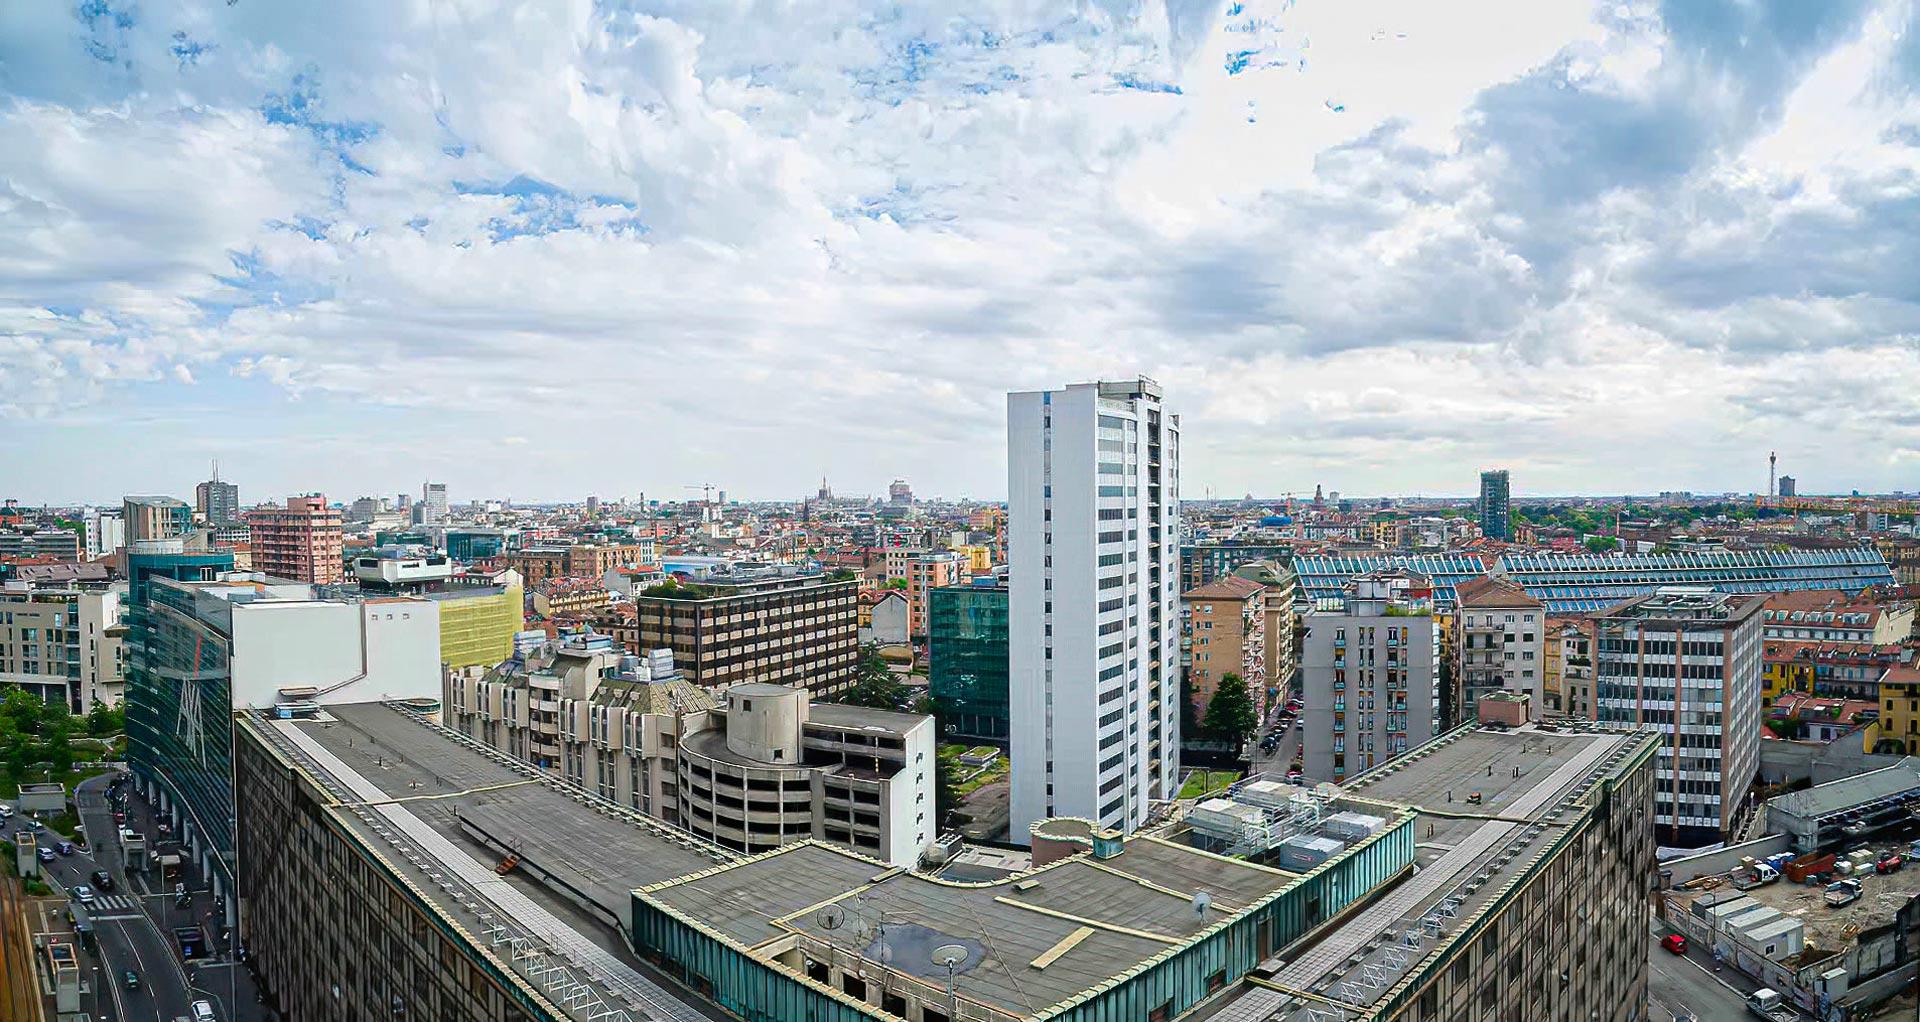 esperienza drone immagine aerea portfolio panoramica angolare architettura milano piuarch_porta_garibaldi studio recupero edilizio 1.jpg